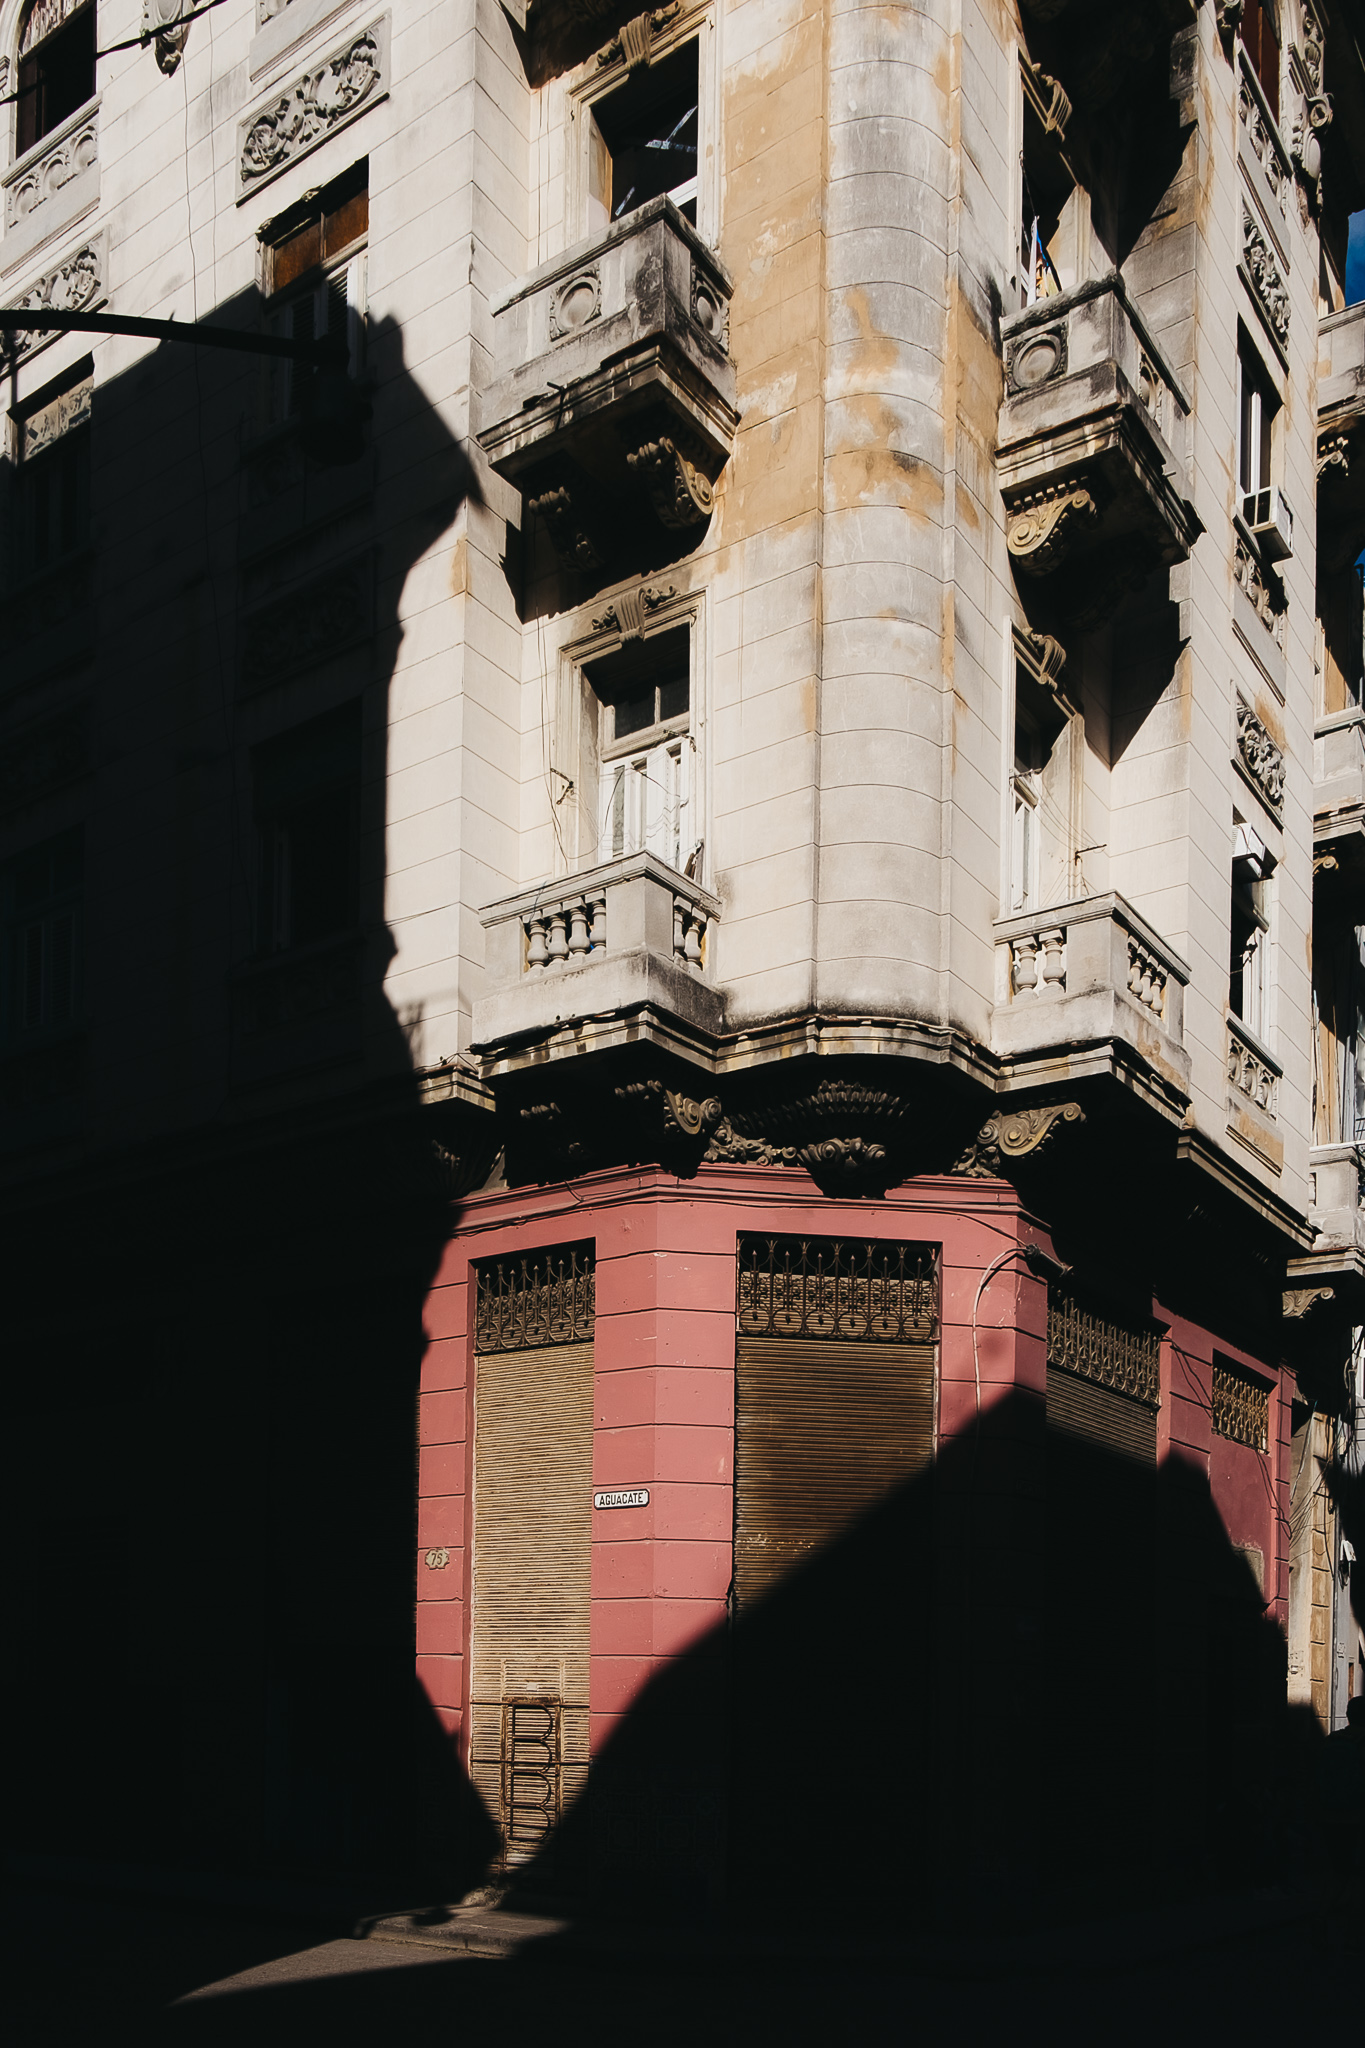 Cuba-2017-12-Havana-0832.jpg